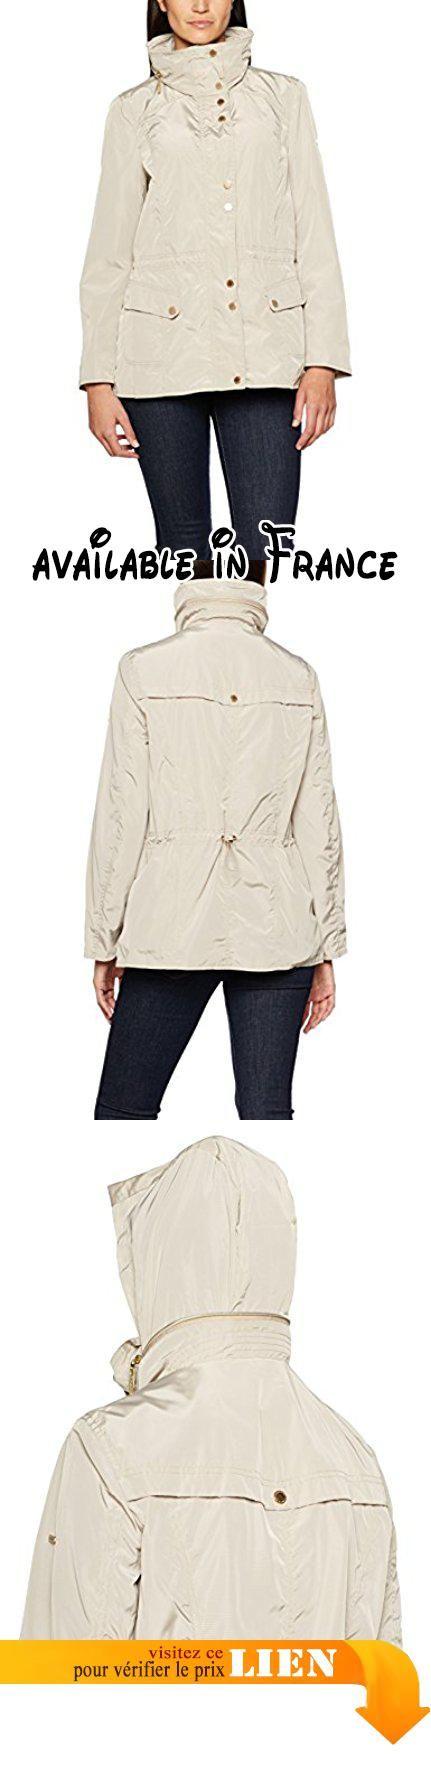 B01MZIJXSU : GINA LAURA Jacke Taillentunnelzug Umklappbarer Kragen Blouson Femme Beige (Natur 22) XXXL.